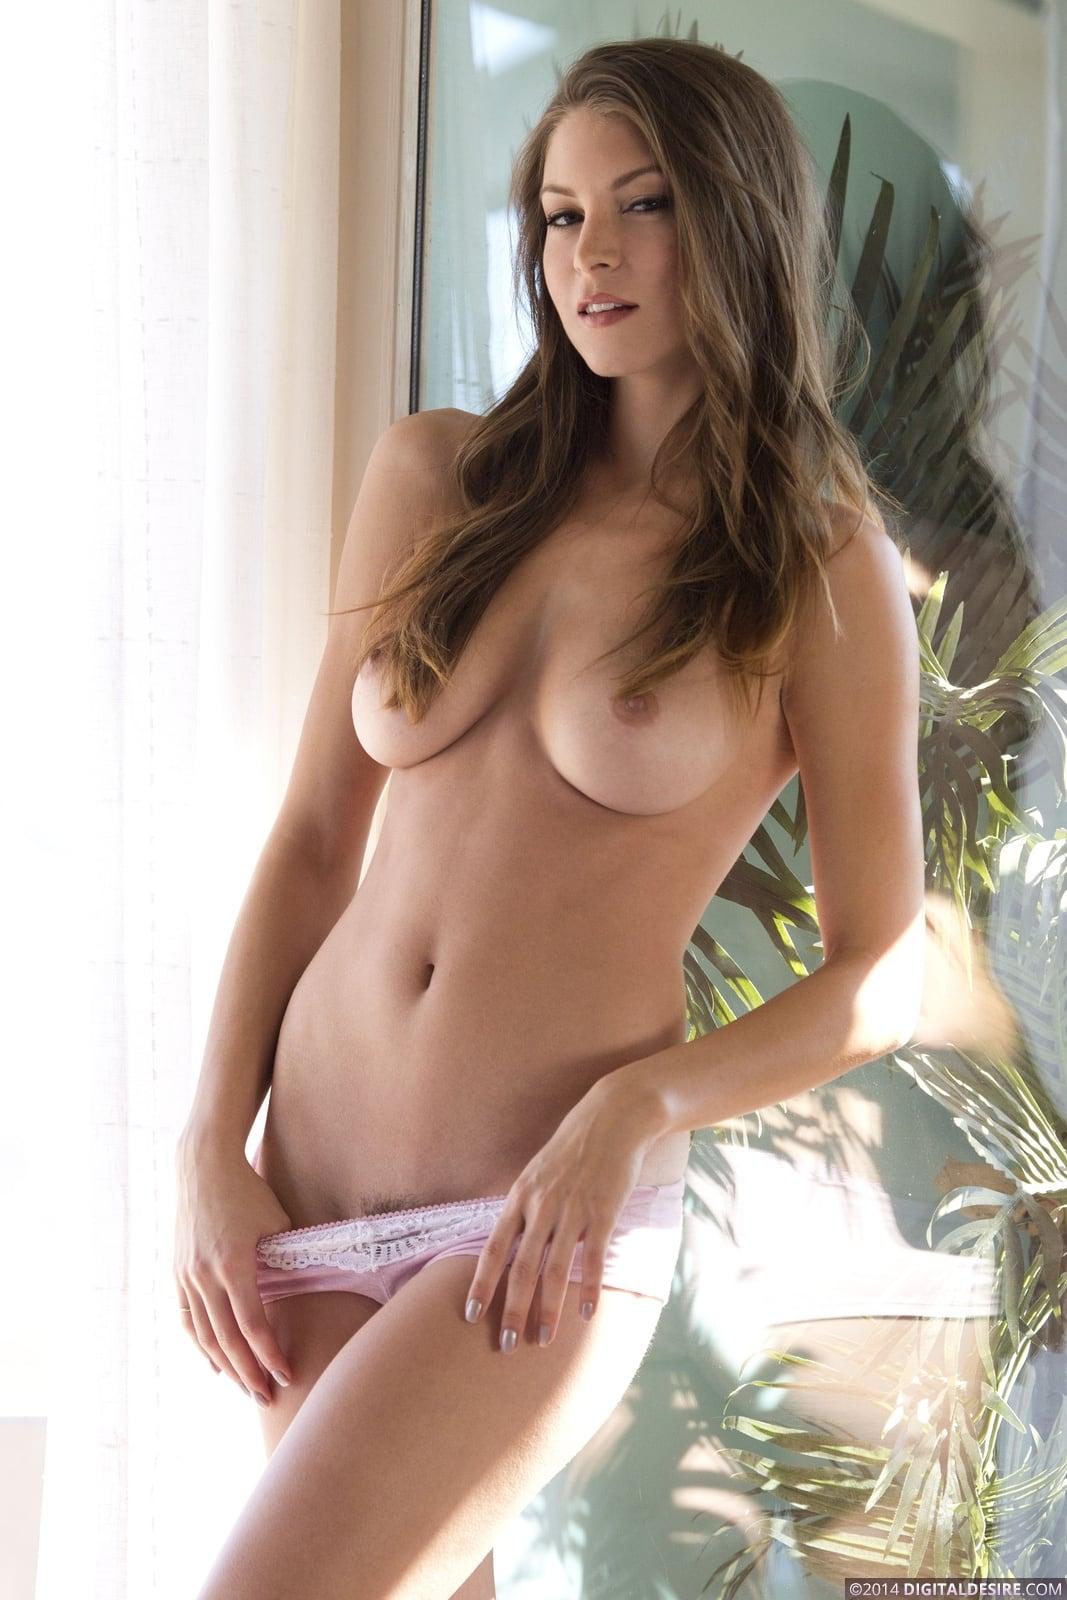 slowly undressing